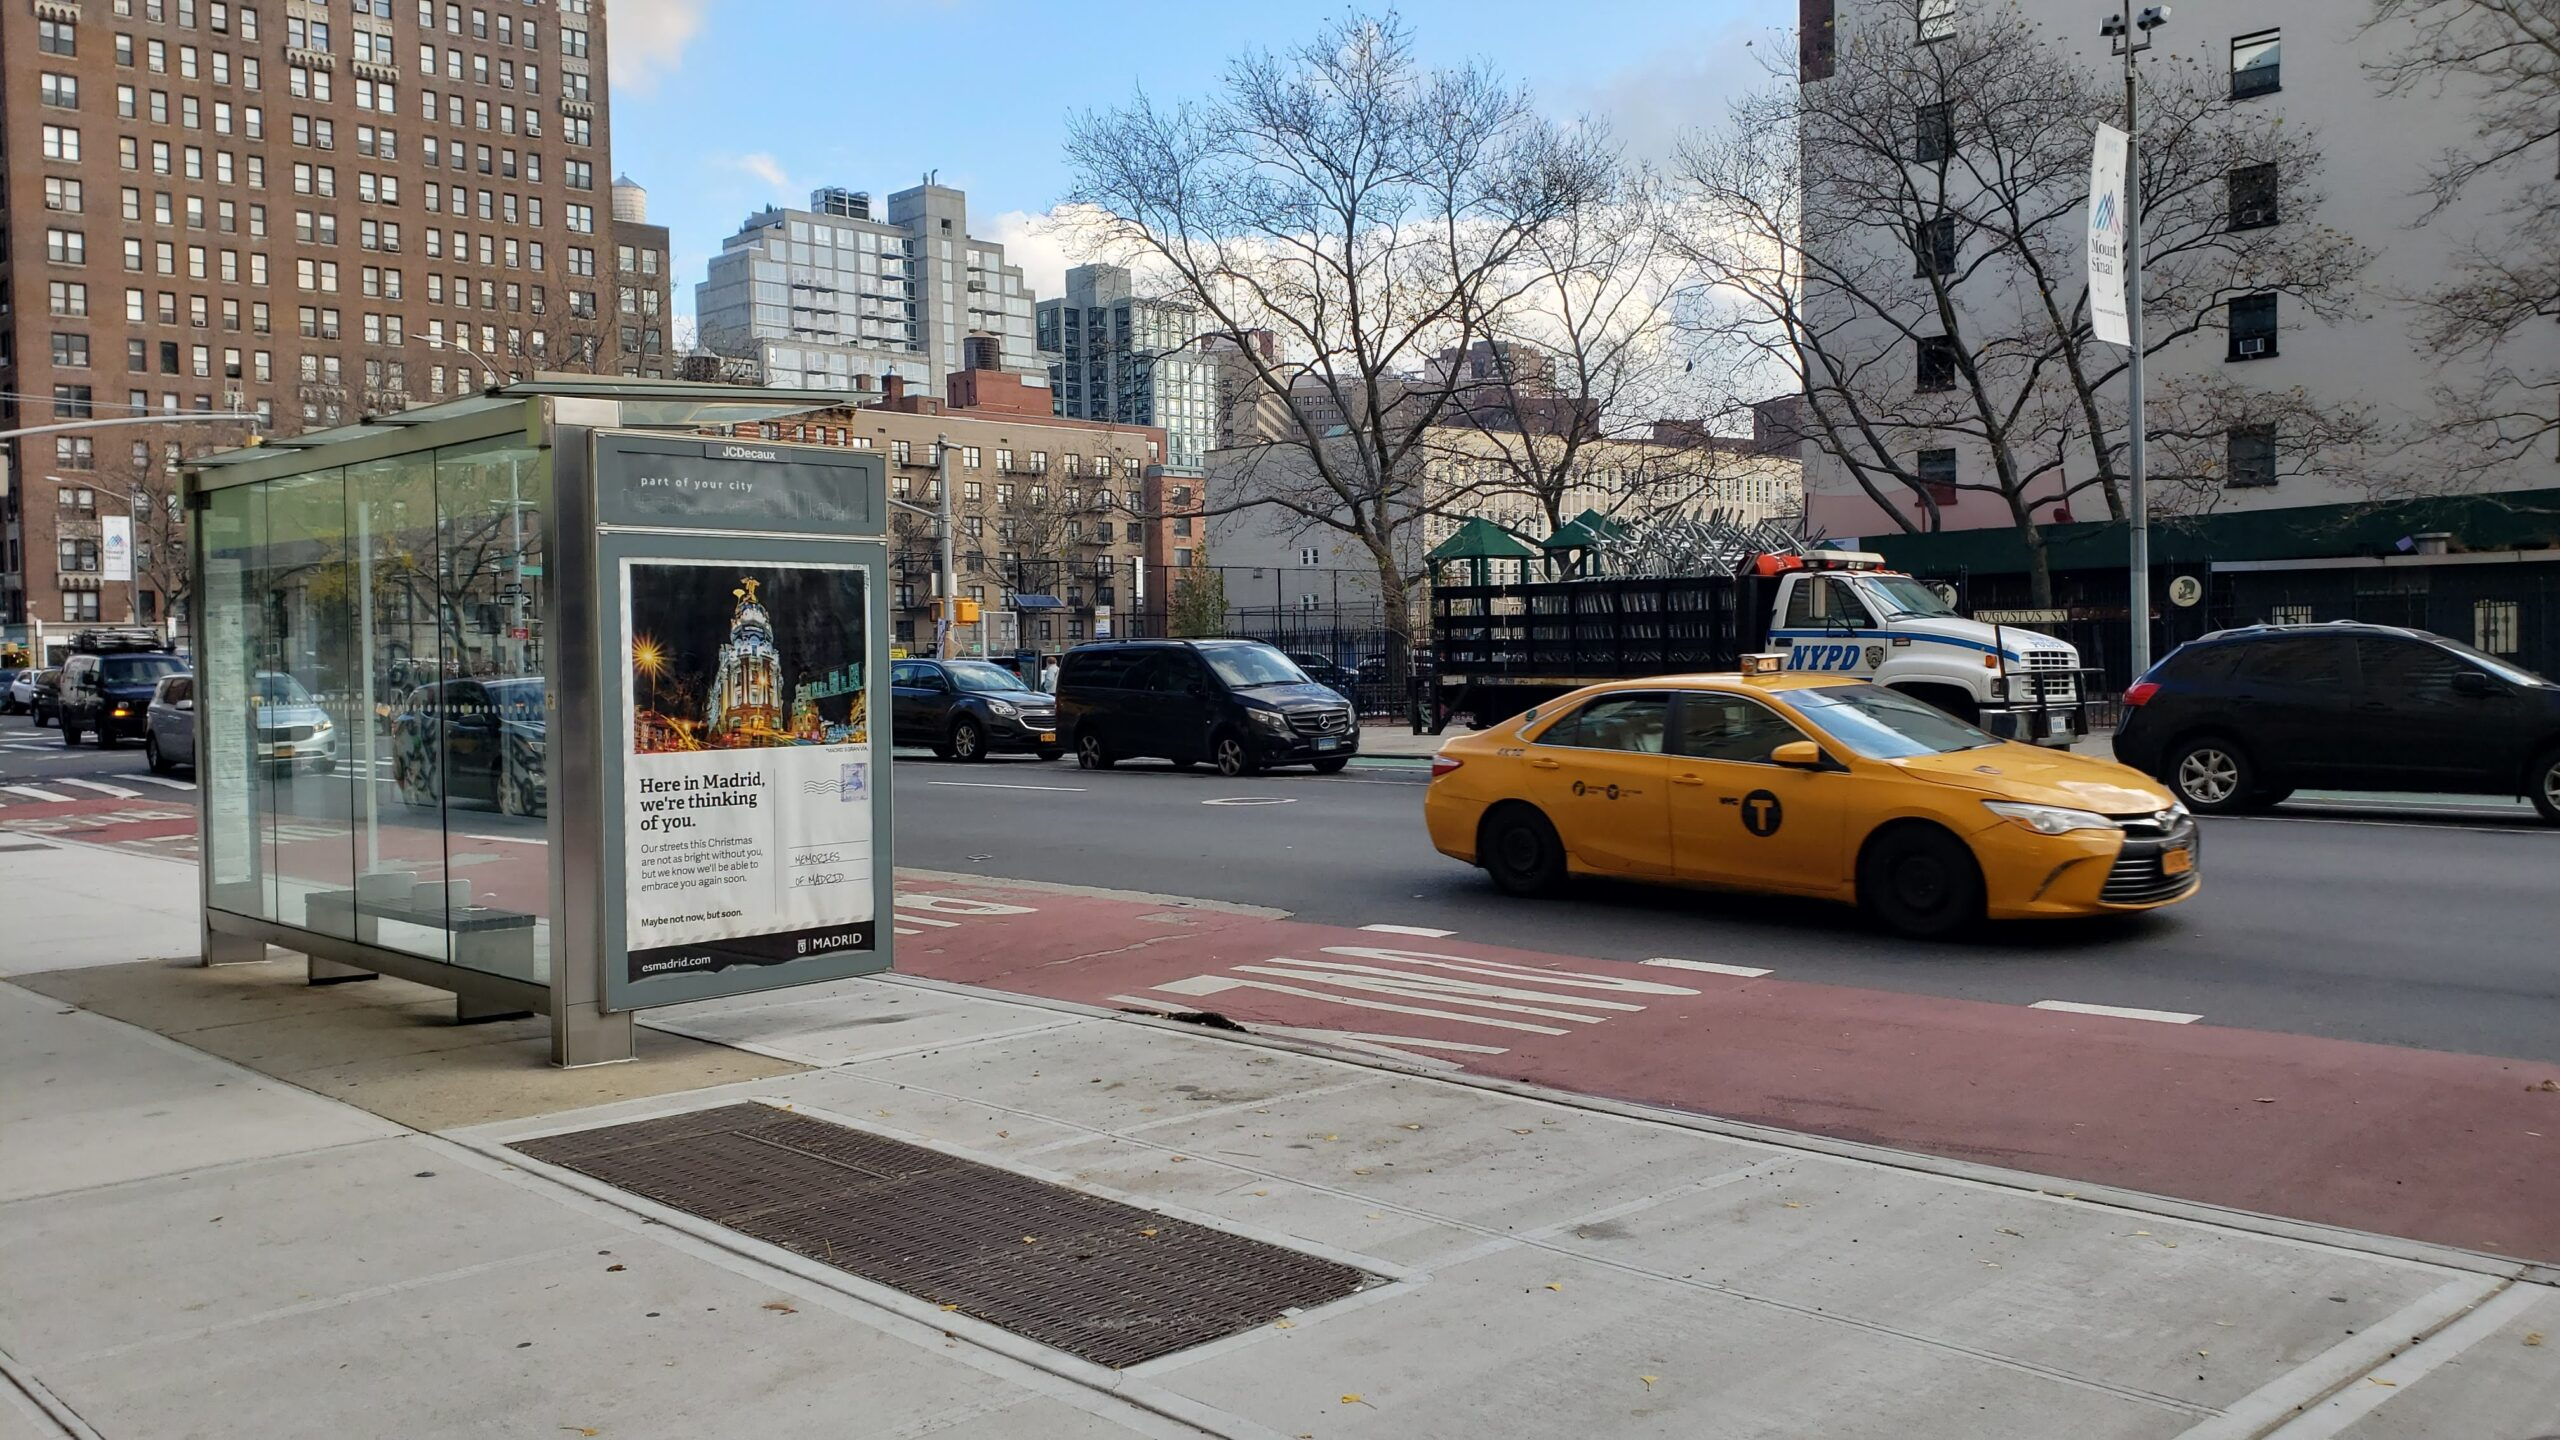 Imagen de la campaña de turismo de Madrid que puede verse en decenas de marquesinas de Nueva York